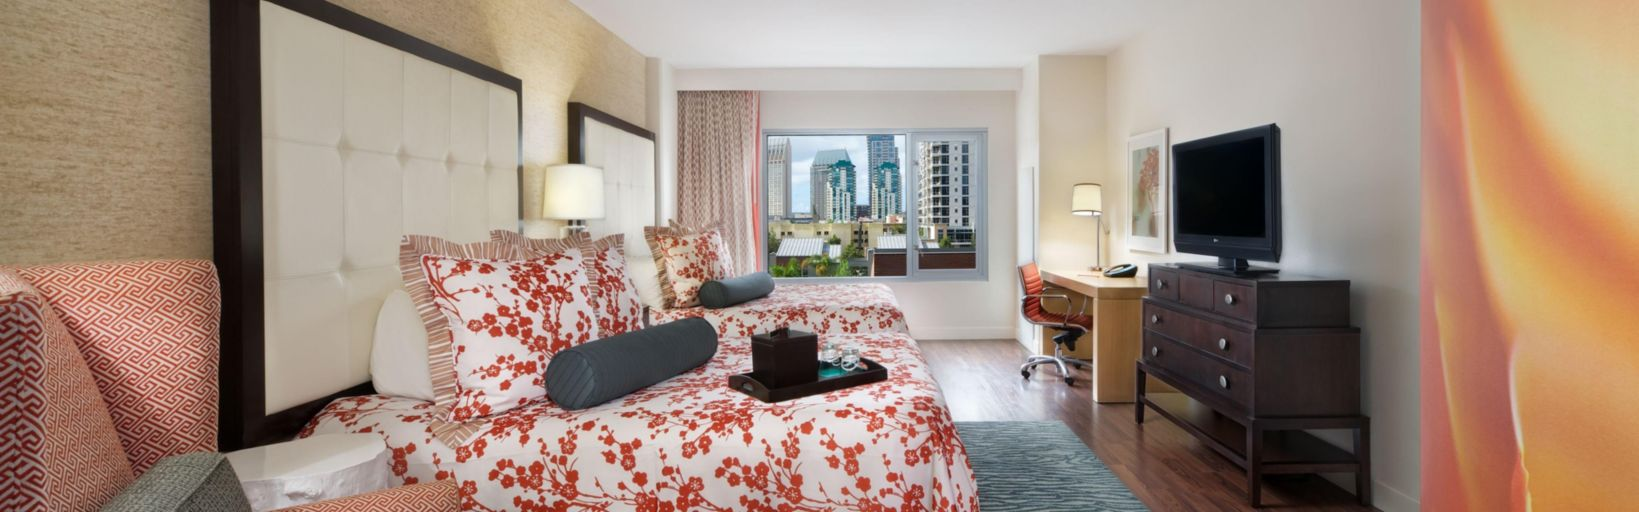 Hotel Indigo San Diego-Gaslamp Quarter: fotos de habitaciones y ...